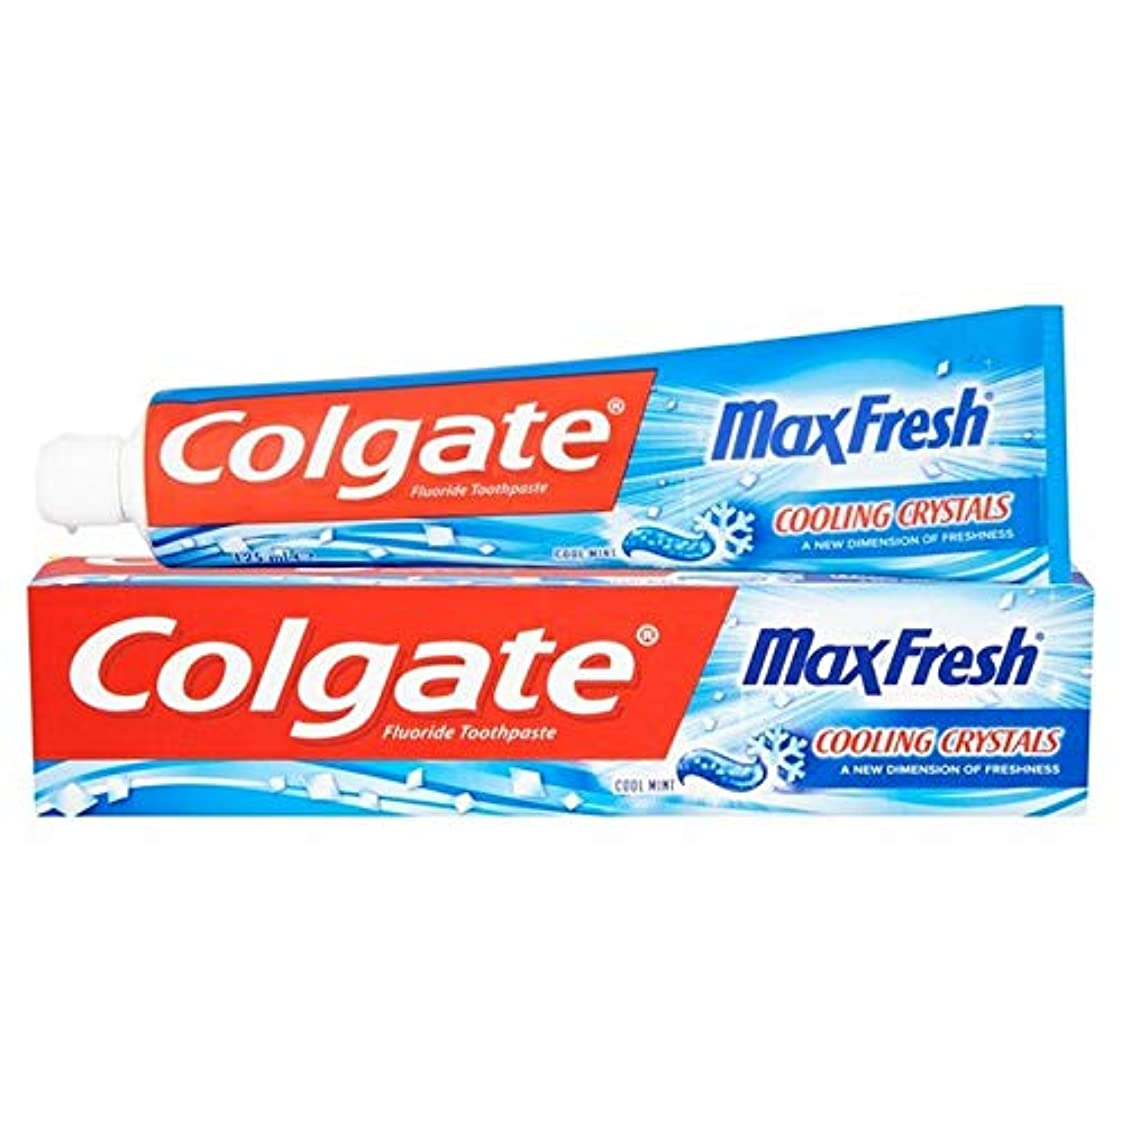 有益なコミュニティホイール[Colgate ] 冷却結晶歯磨き粉の125ミリリットル新鮮なコルゲートマックス - Colgate Max Fresh with Cooling Crystals Toothpaste 125ml [並行輸入品]